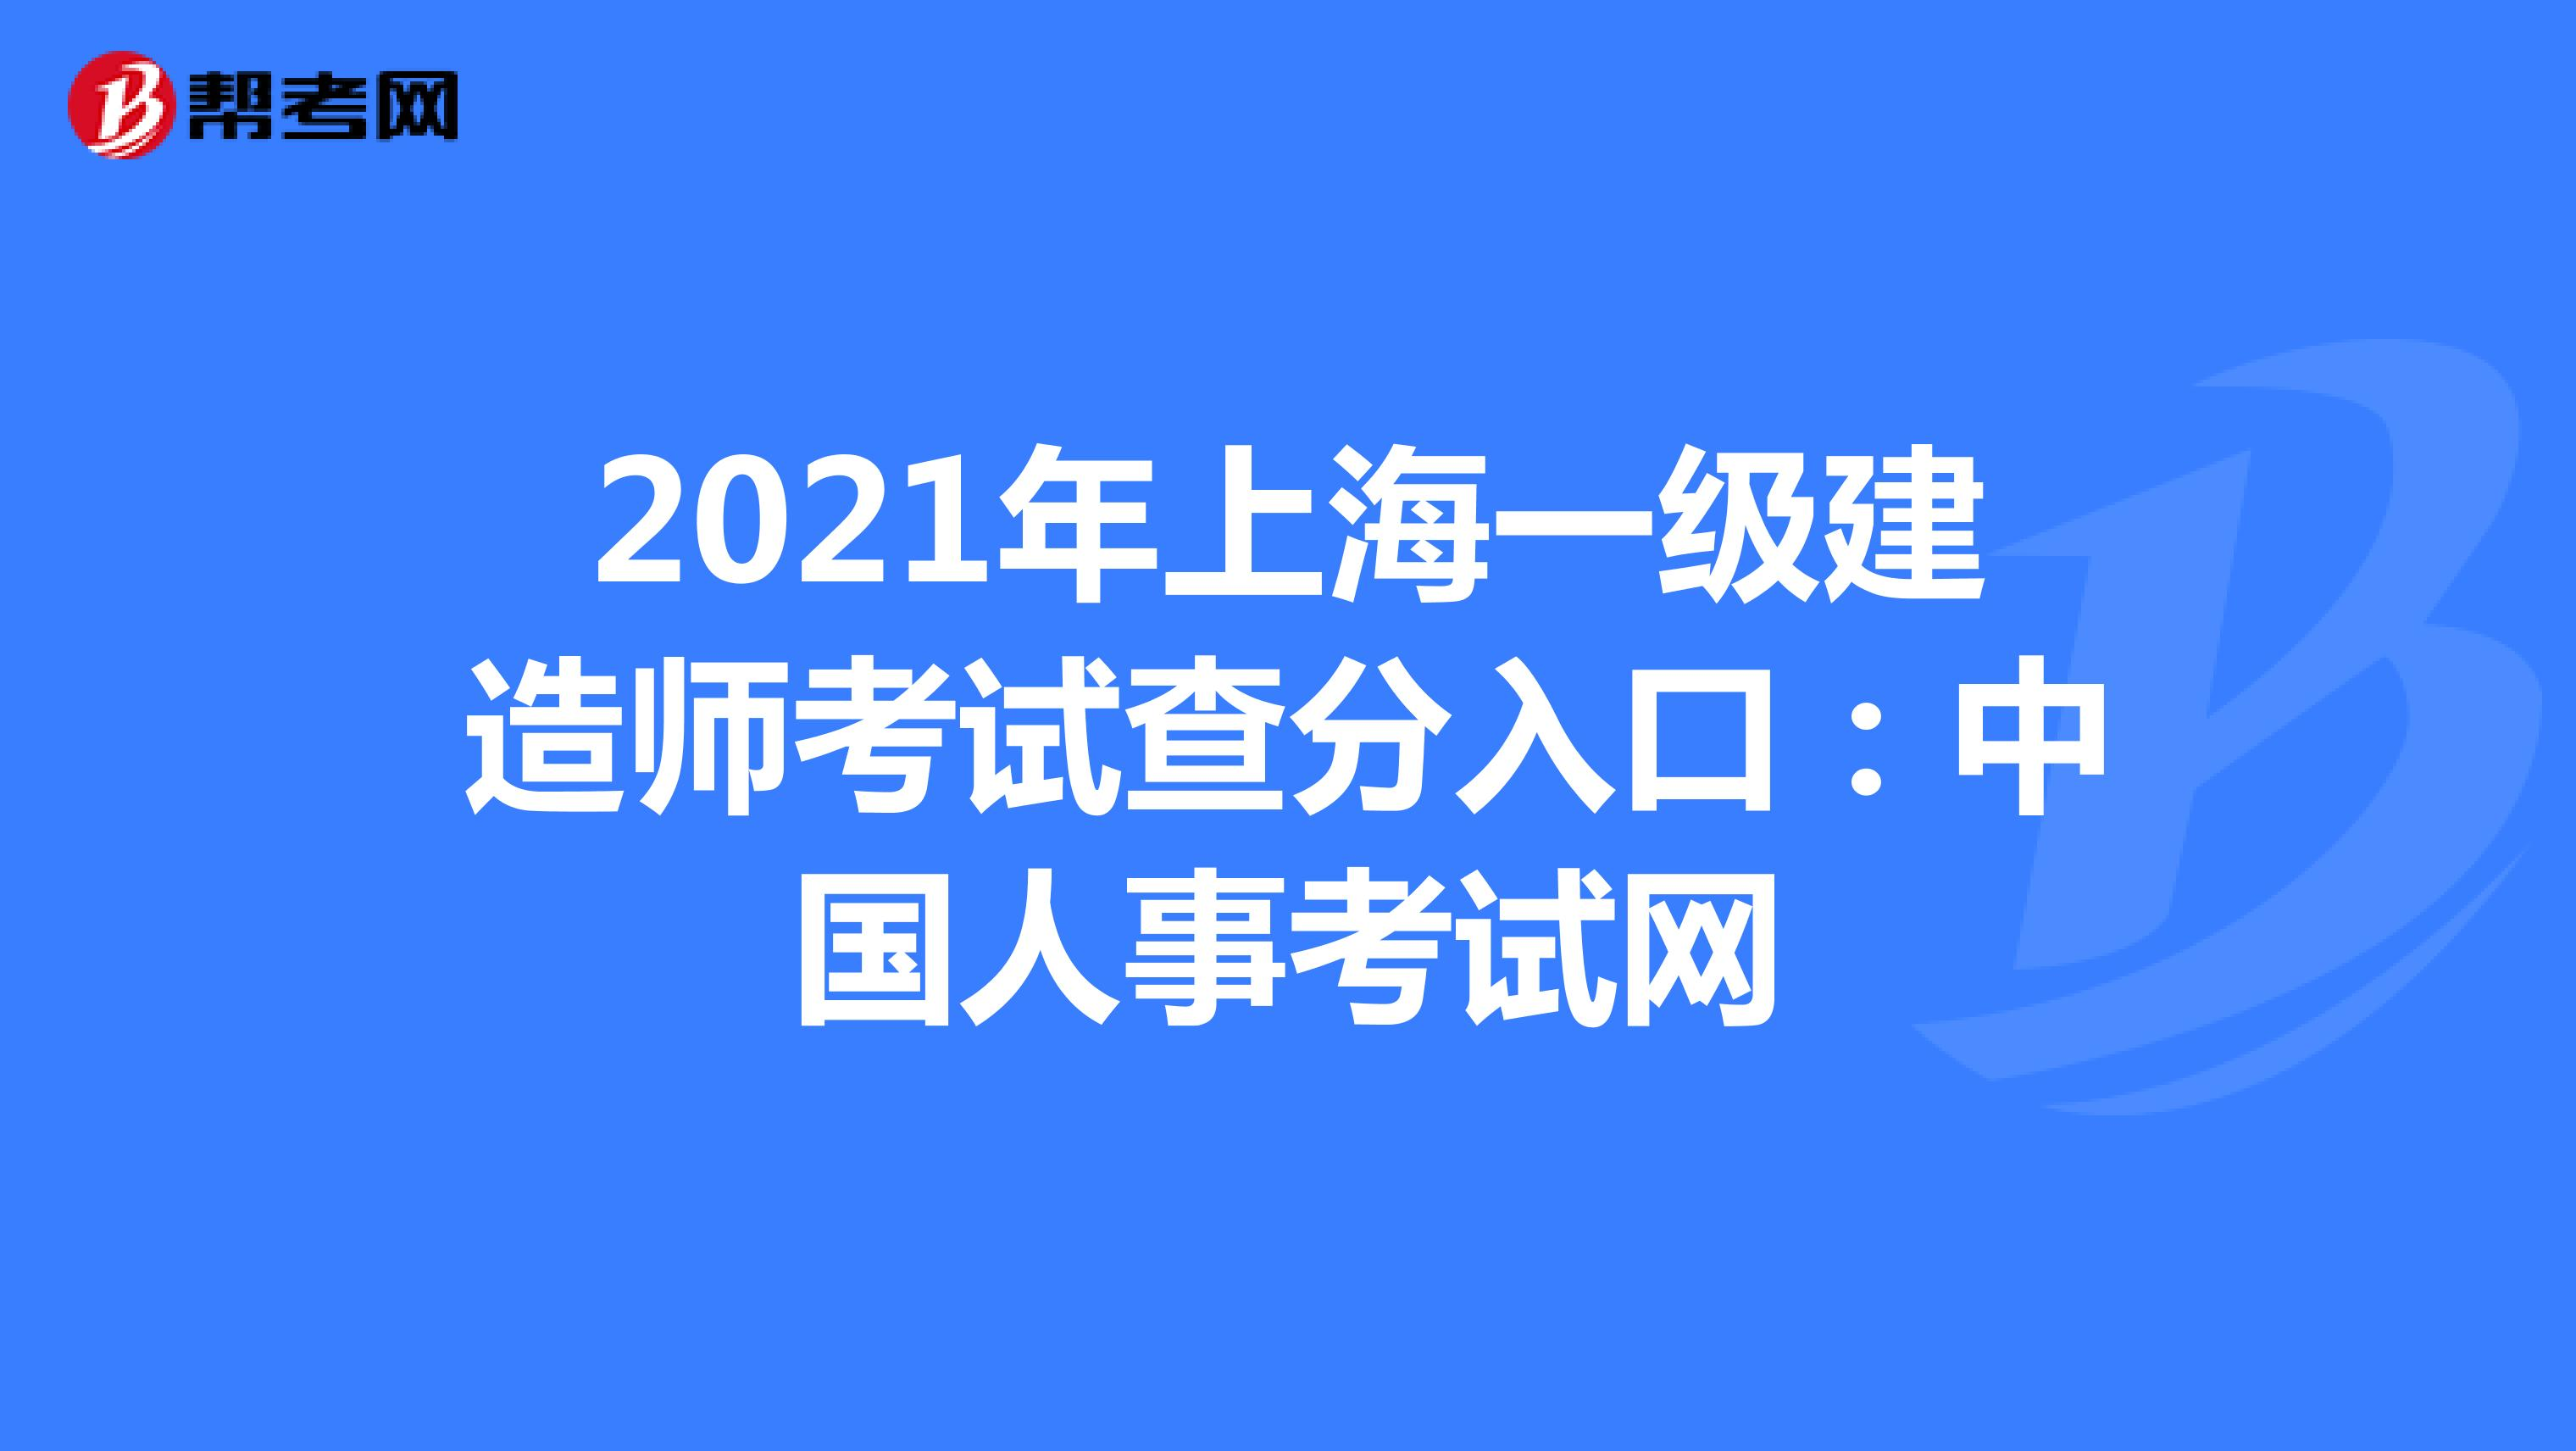 2021年上海一级建造师考试查分入口:中国人事考试网